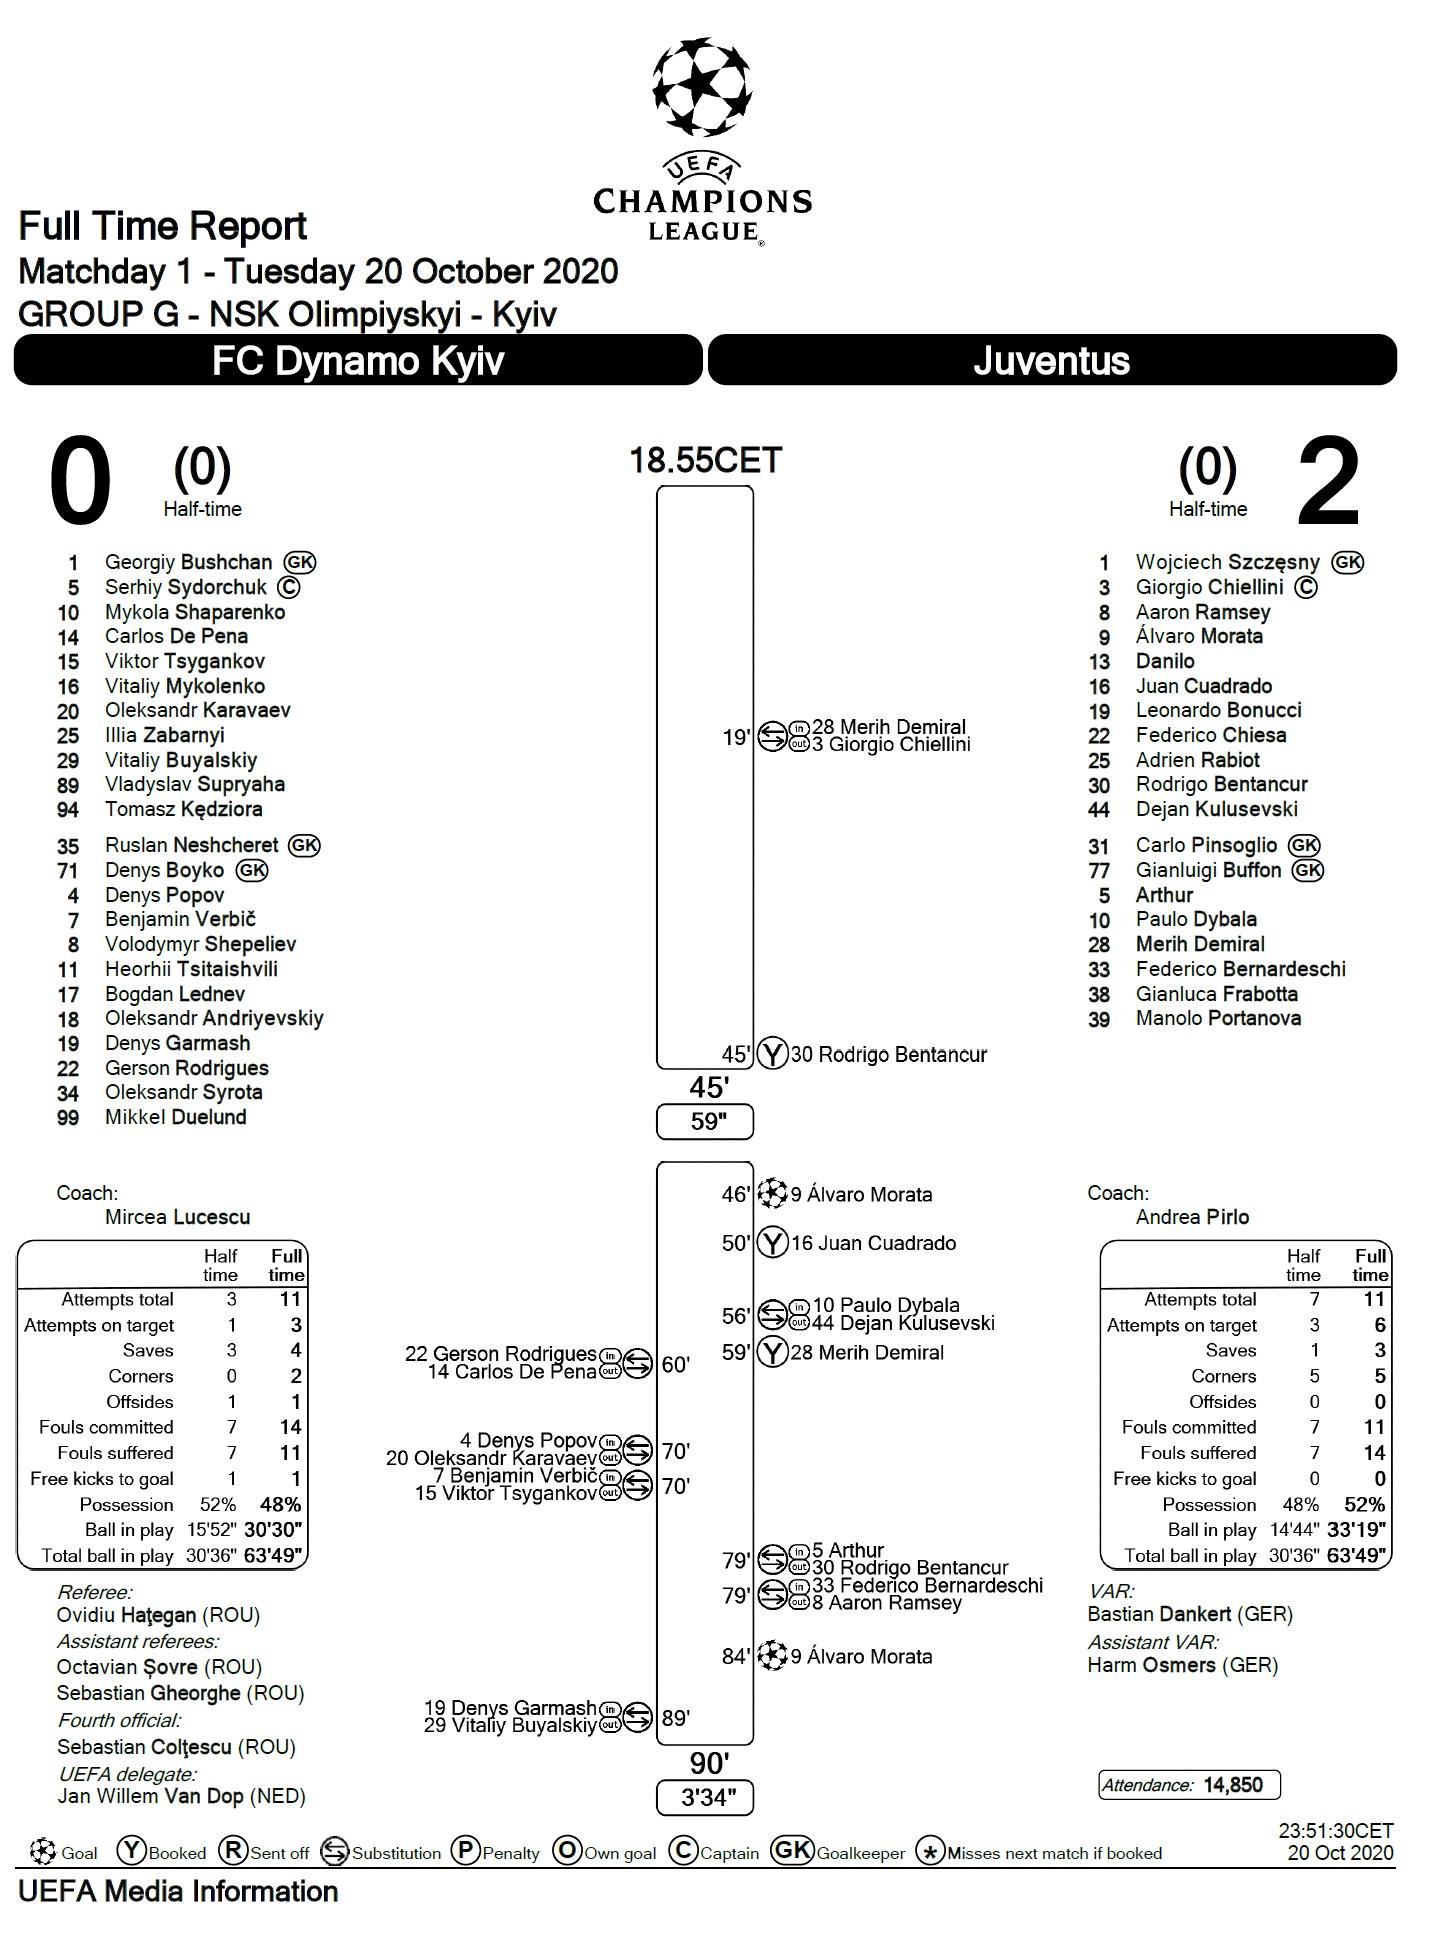 Динамо Киев (Украина) - Ювентус (Италия) 0:2